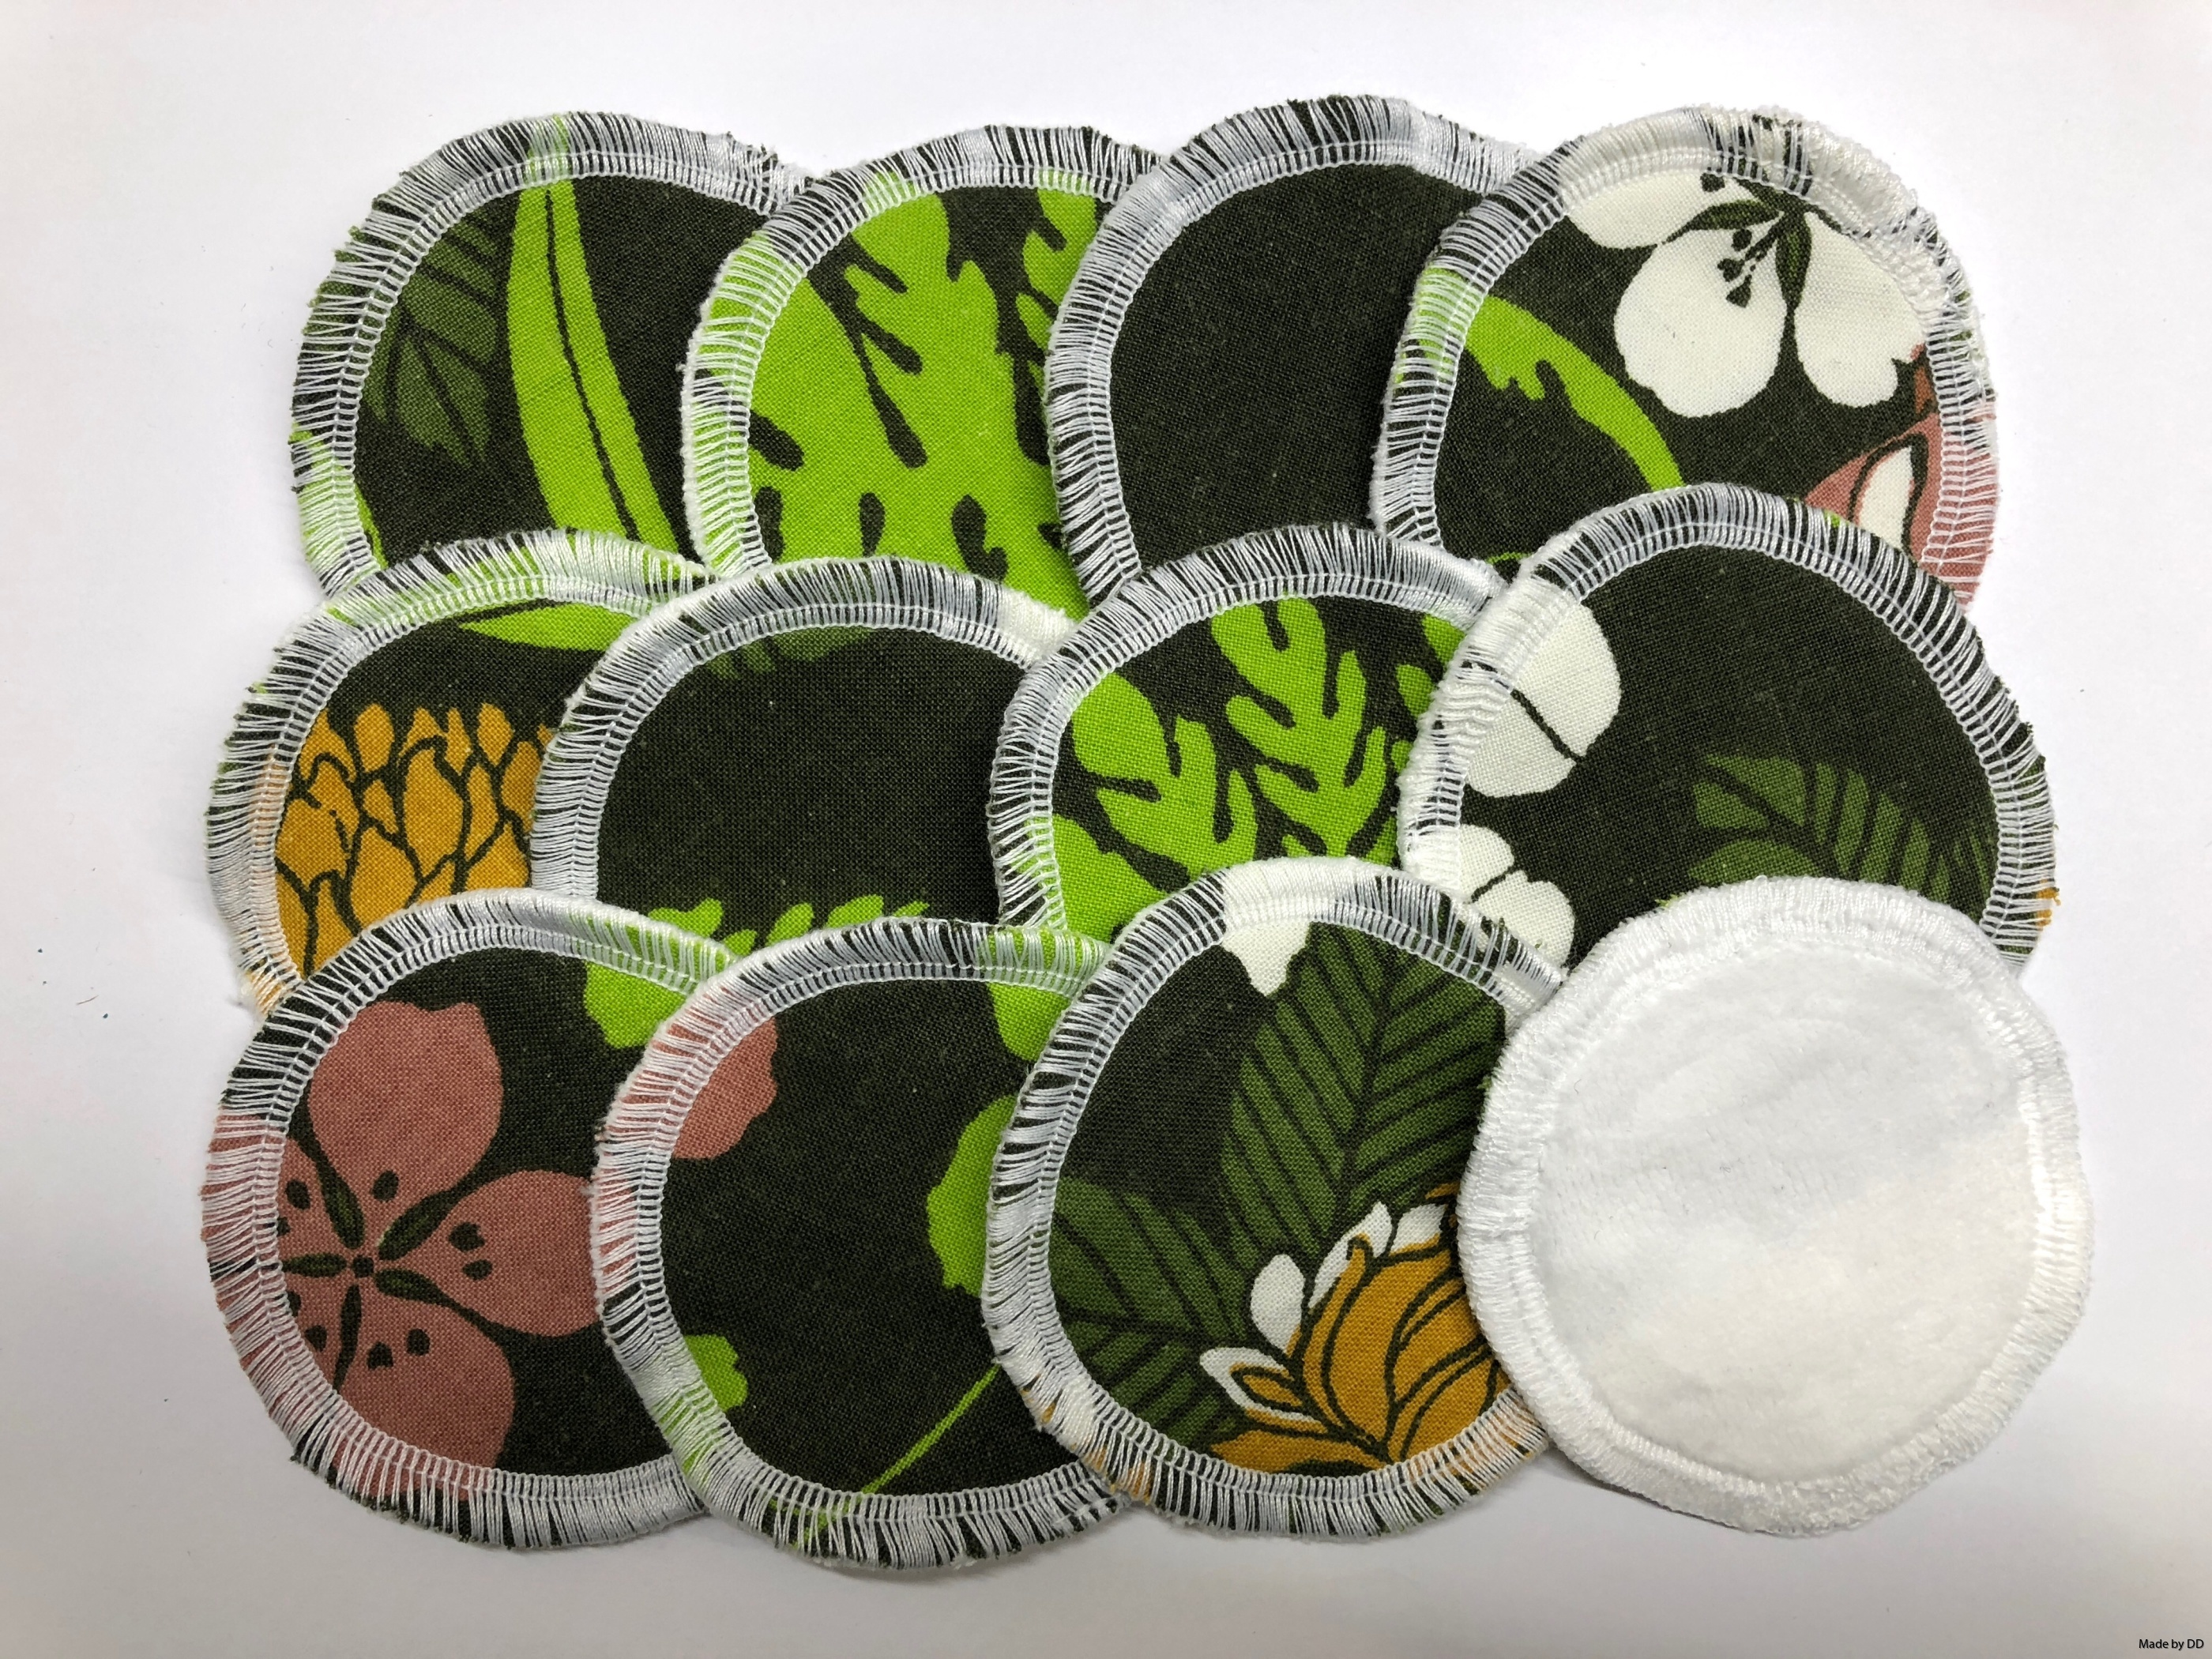 Rengöringspads rengöringsrondeller bomullsrondeller återbruk sjuttiontalstyg bomullsvelour ekologiskt GOTS made by dd flerfärgad